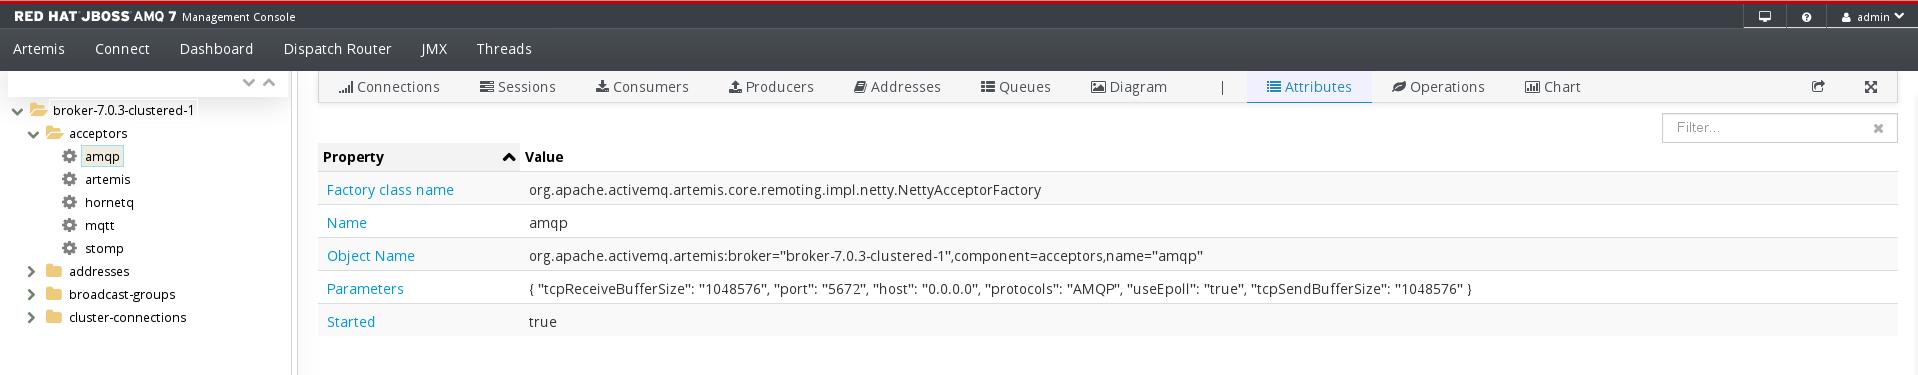 Managing AMQ Broker - Red Hat Customer Portal